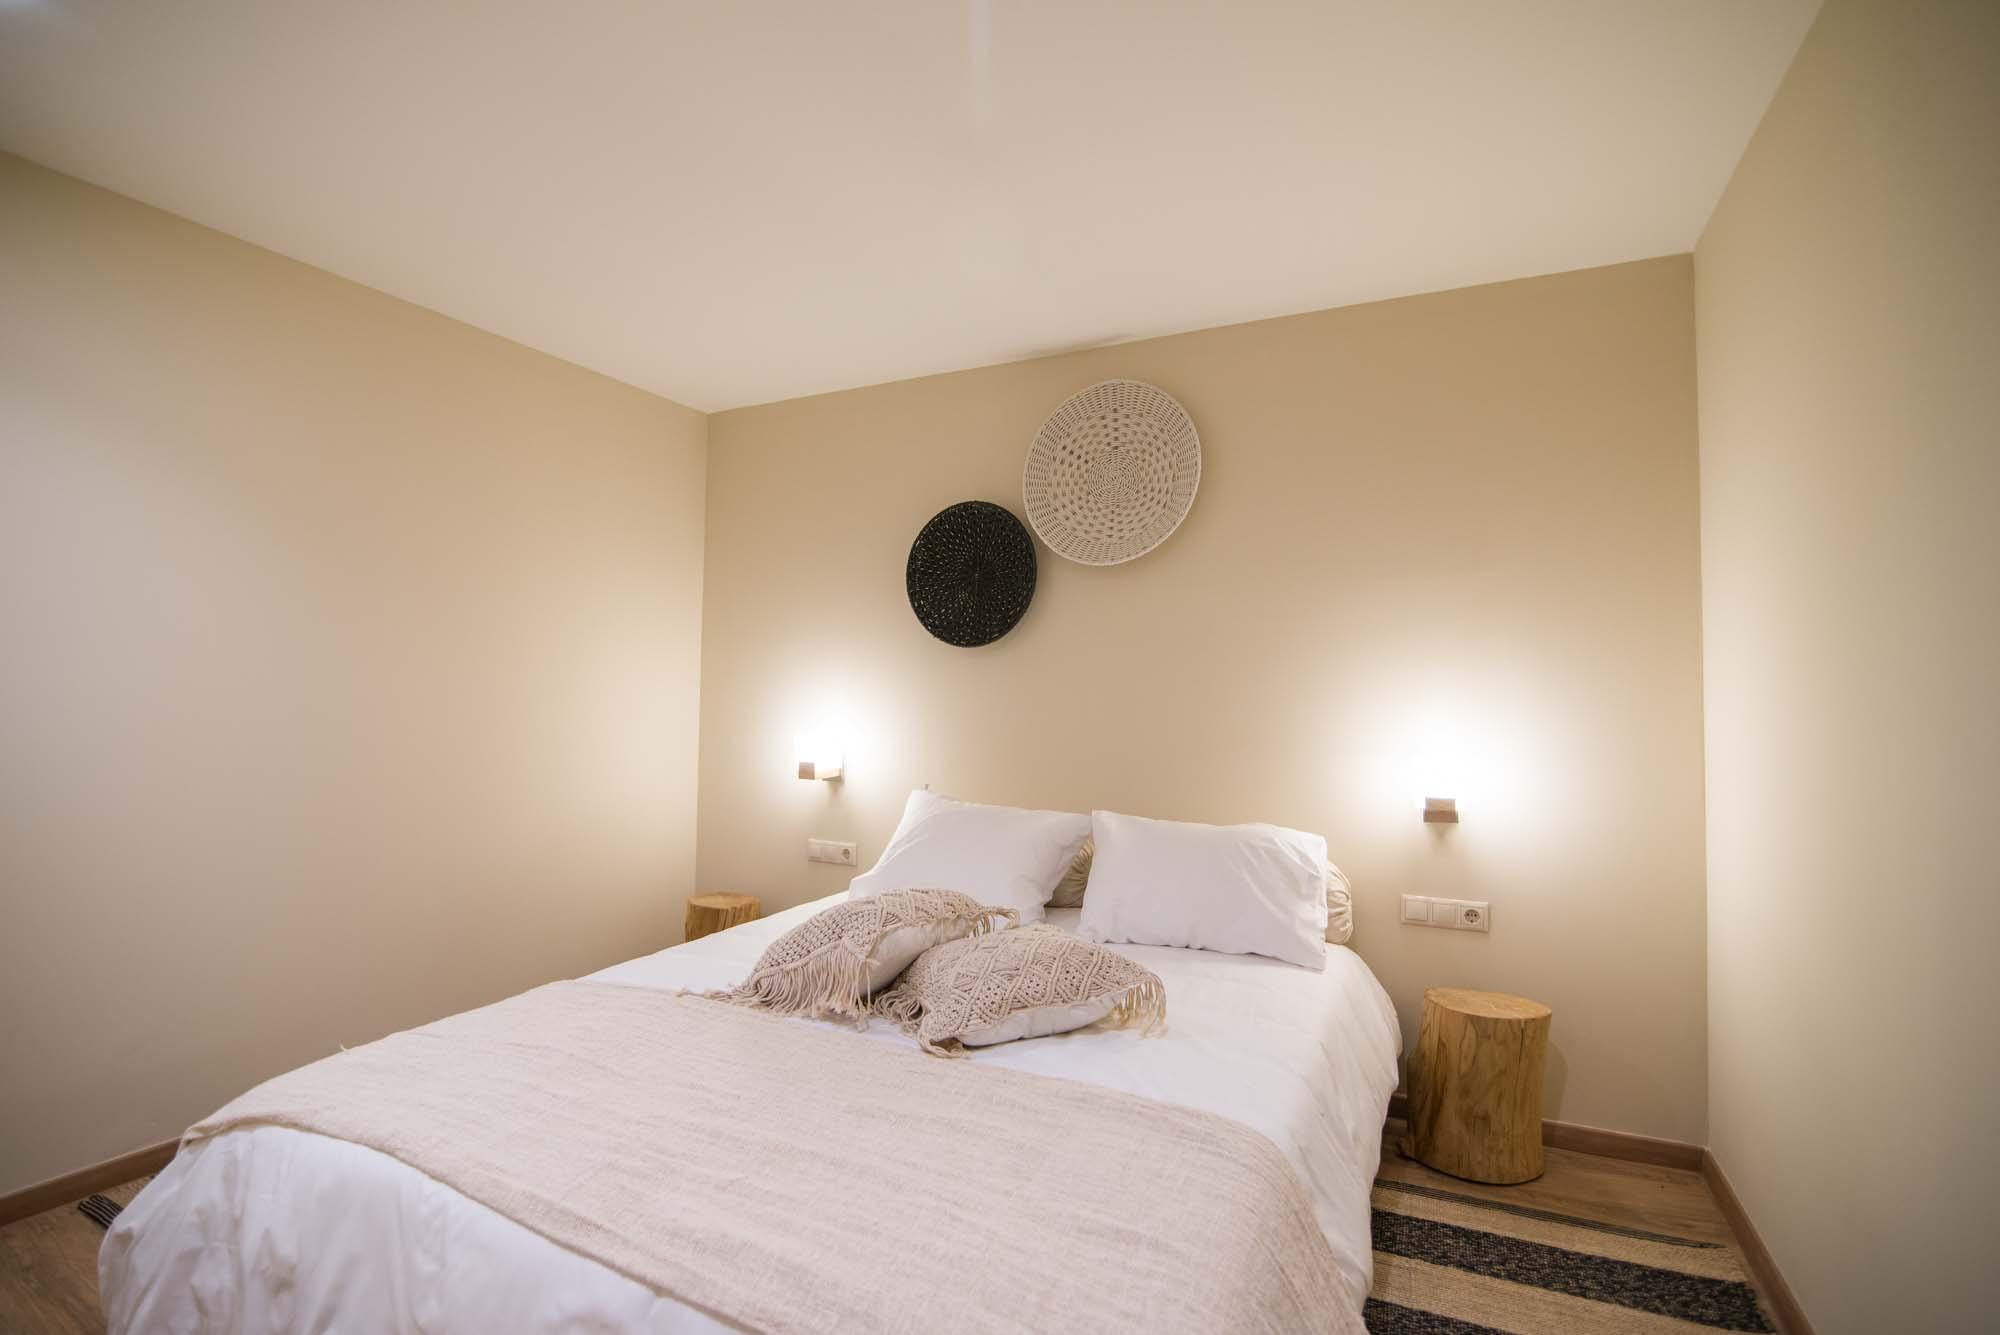 Hotel_room_Maira_12